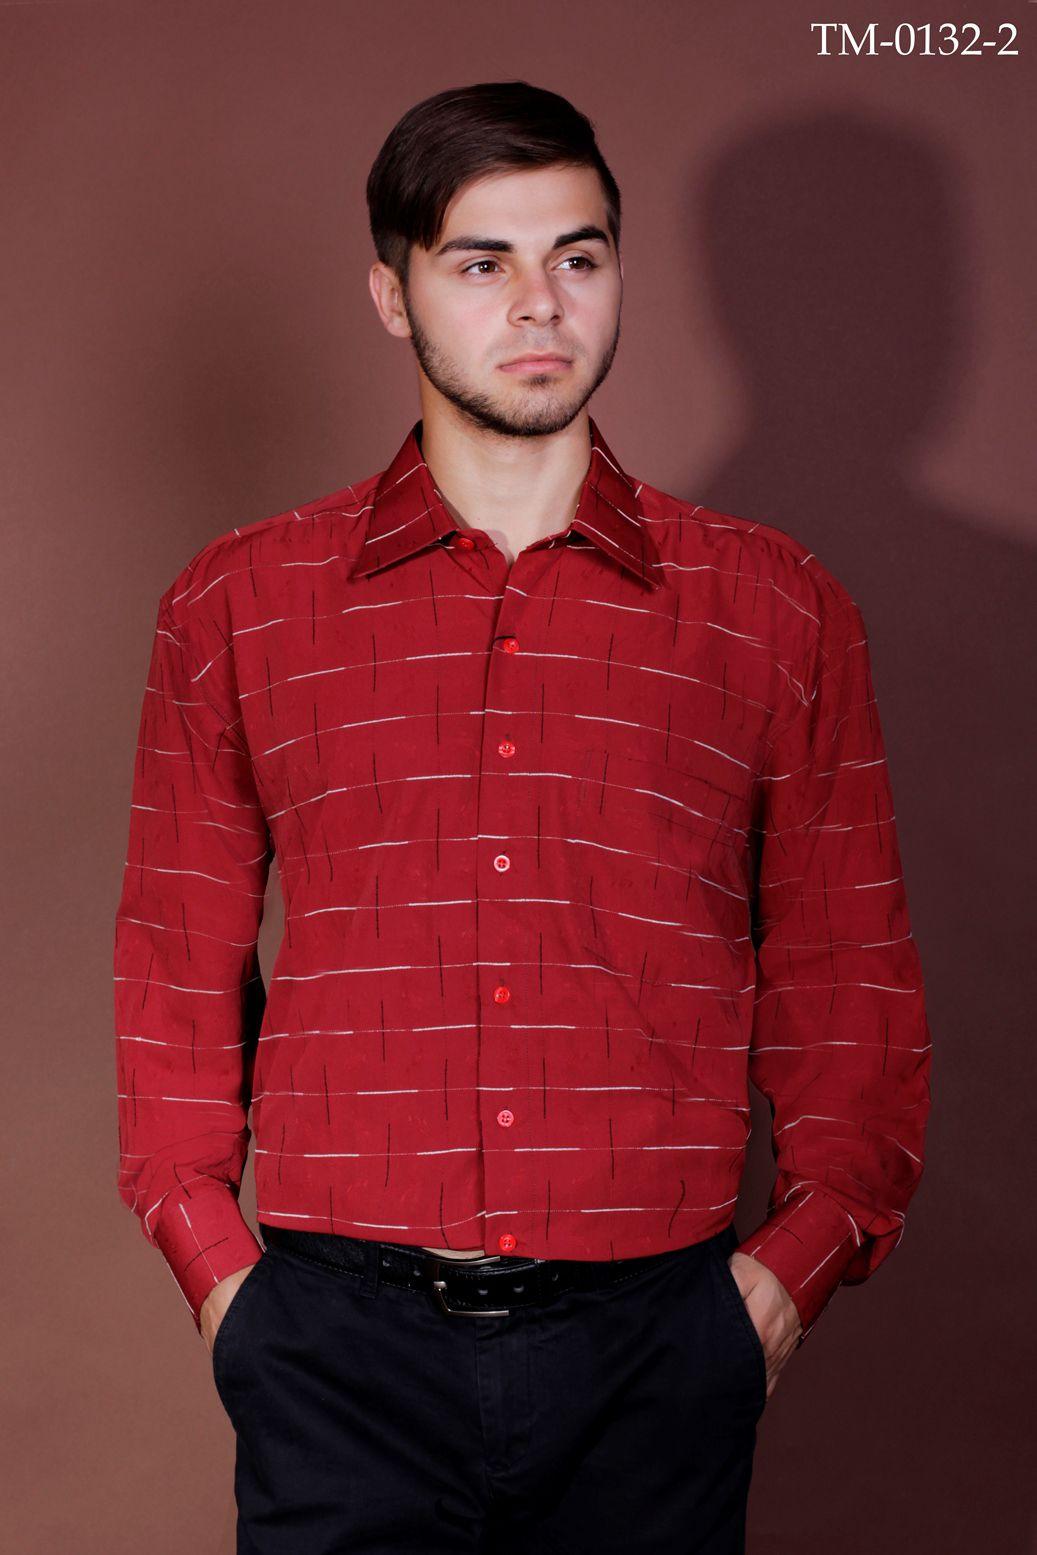 Сорочка tm-0132 купить на сайте производителя